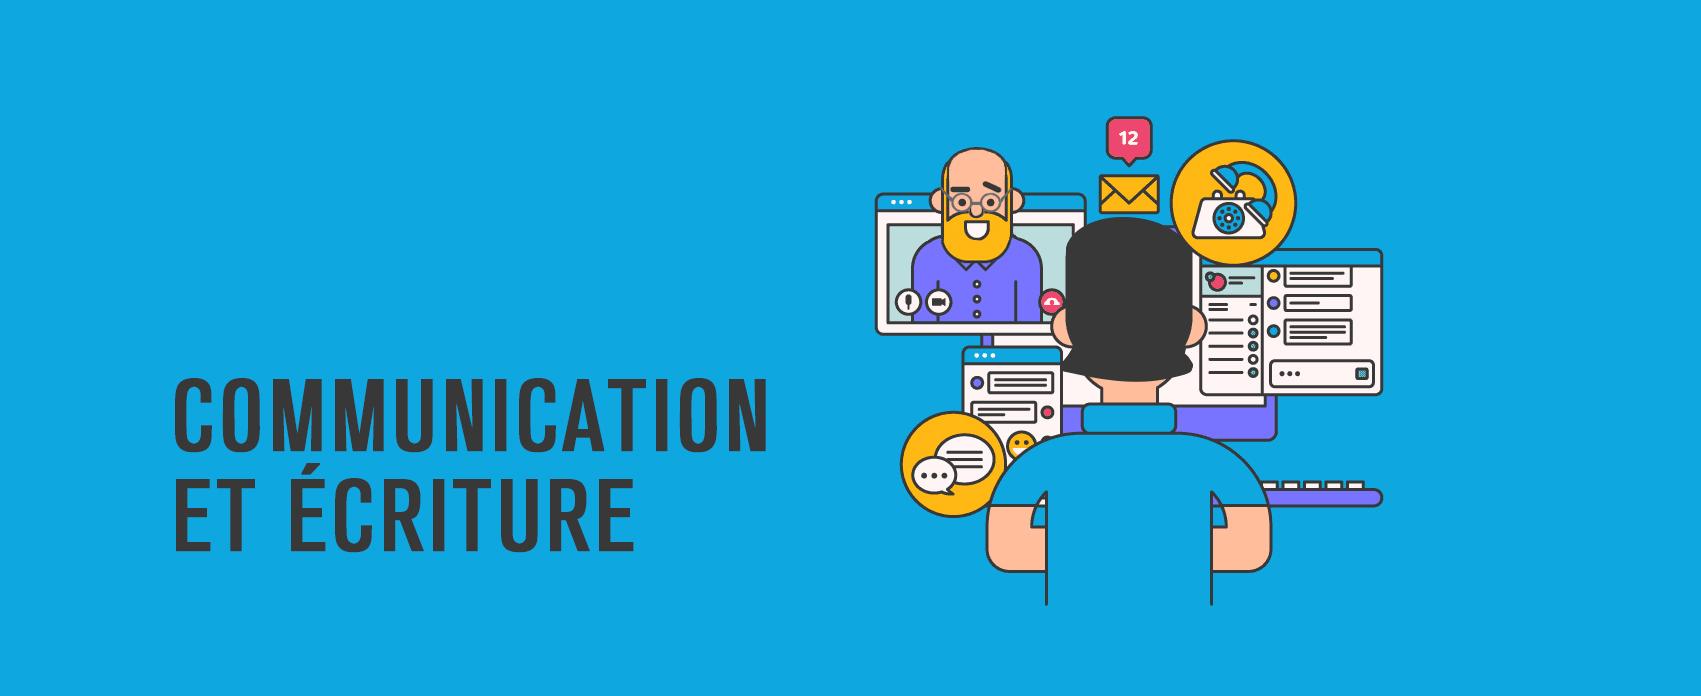 Course Image FRA602-0002-2021-1-Communication et écriture